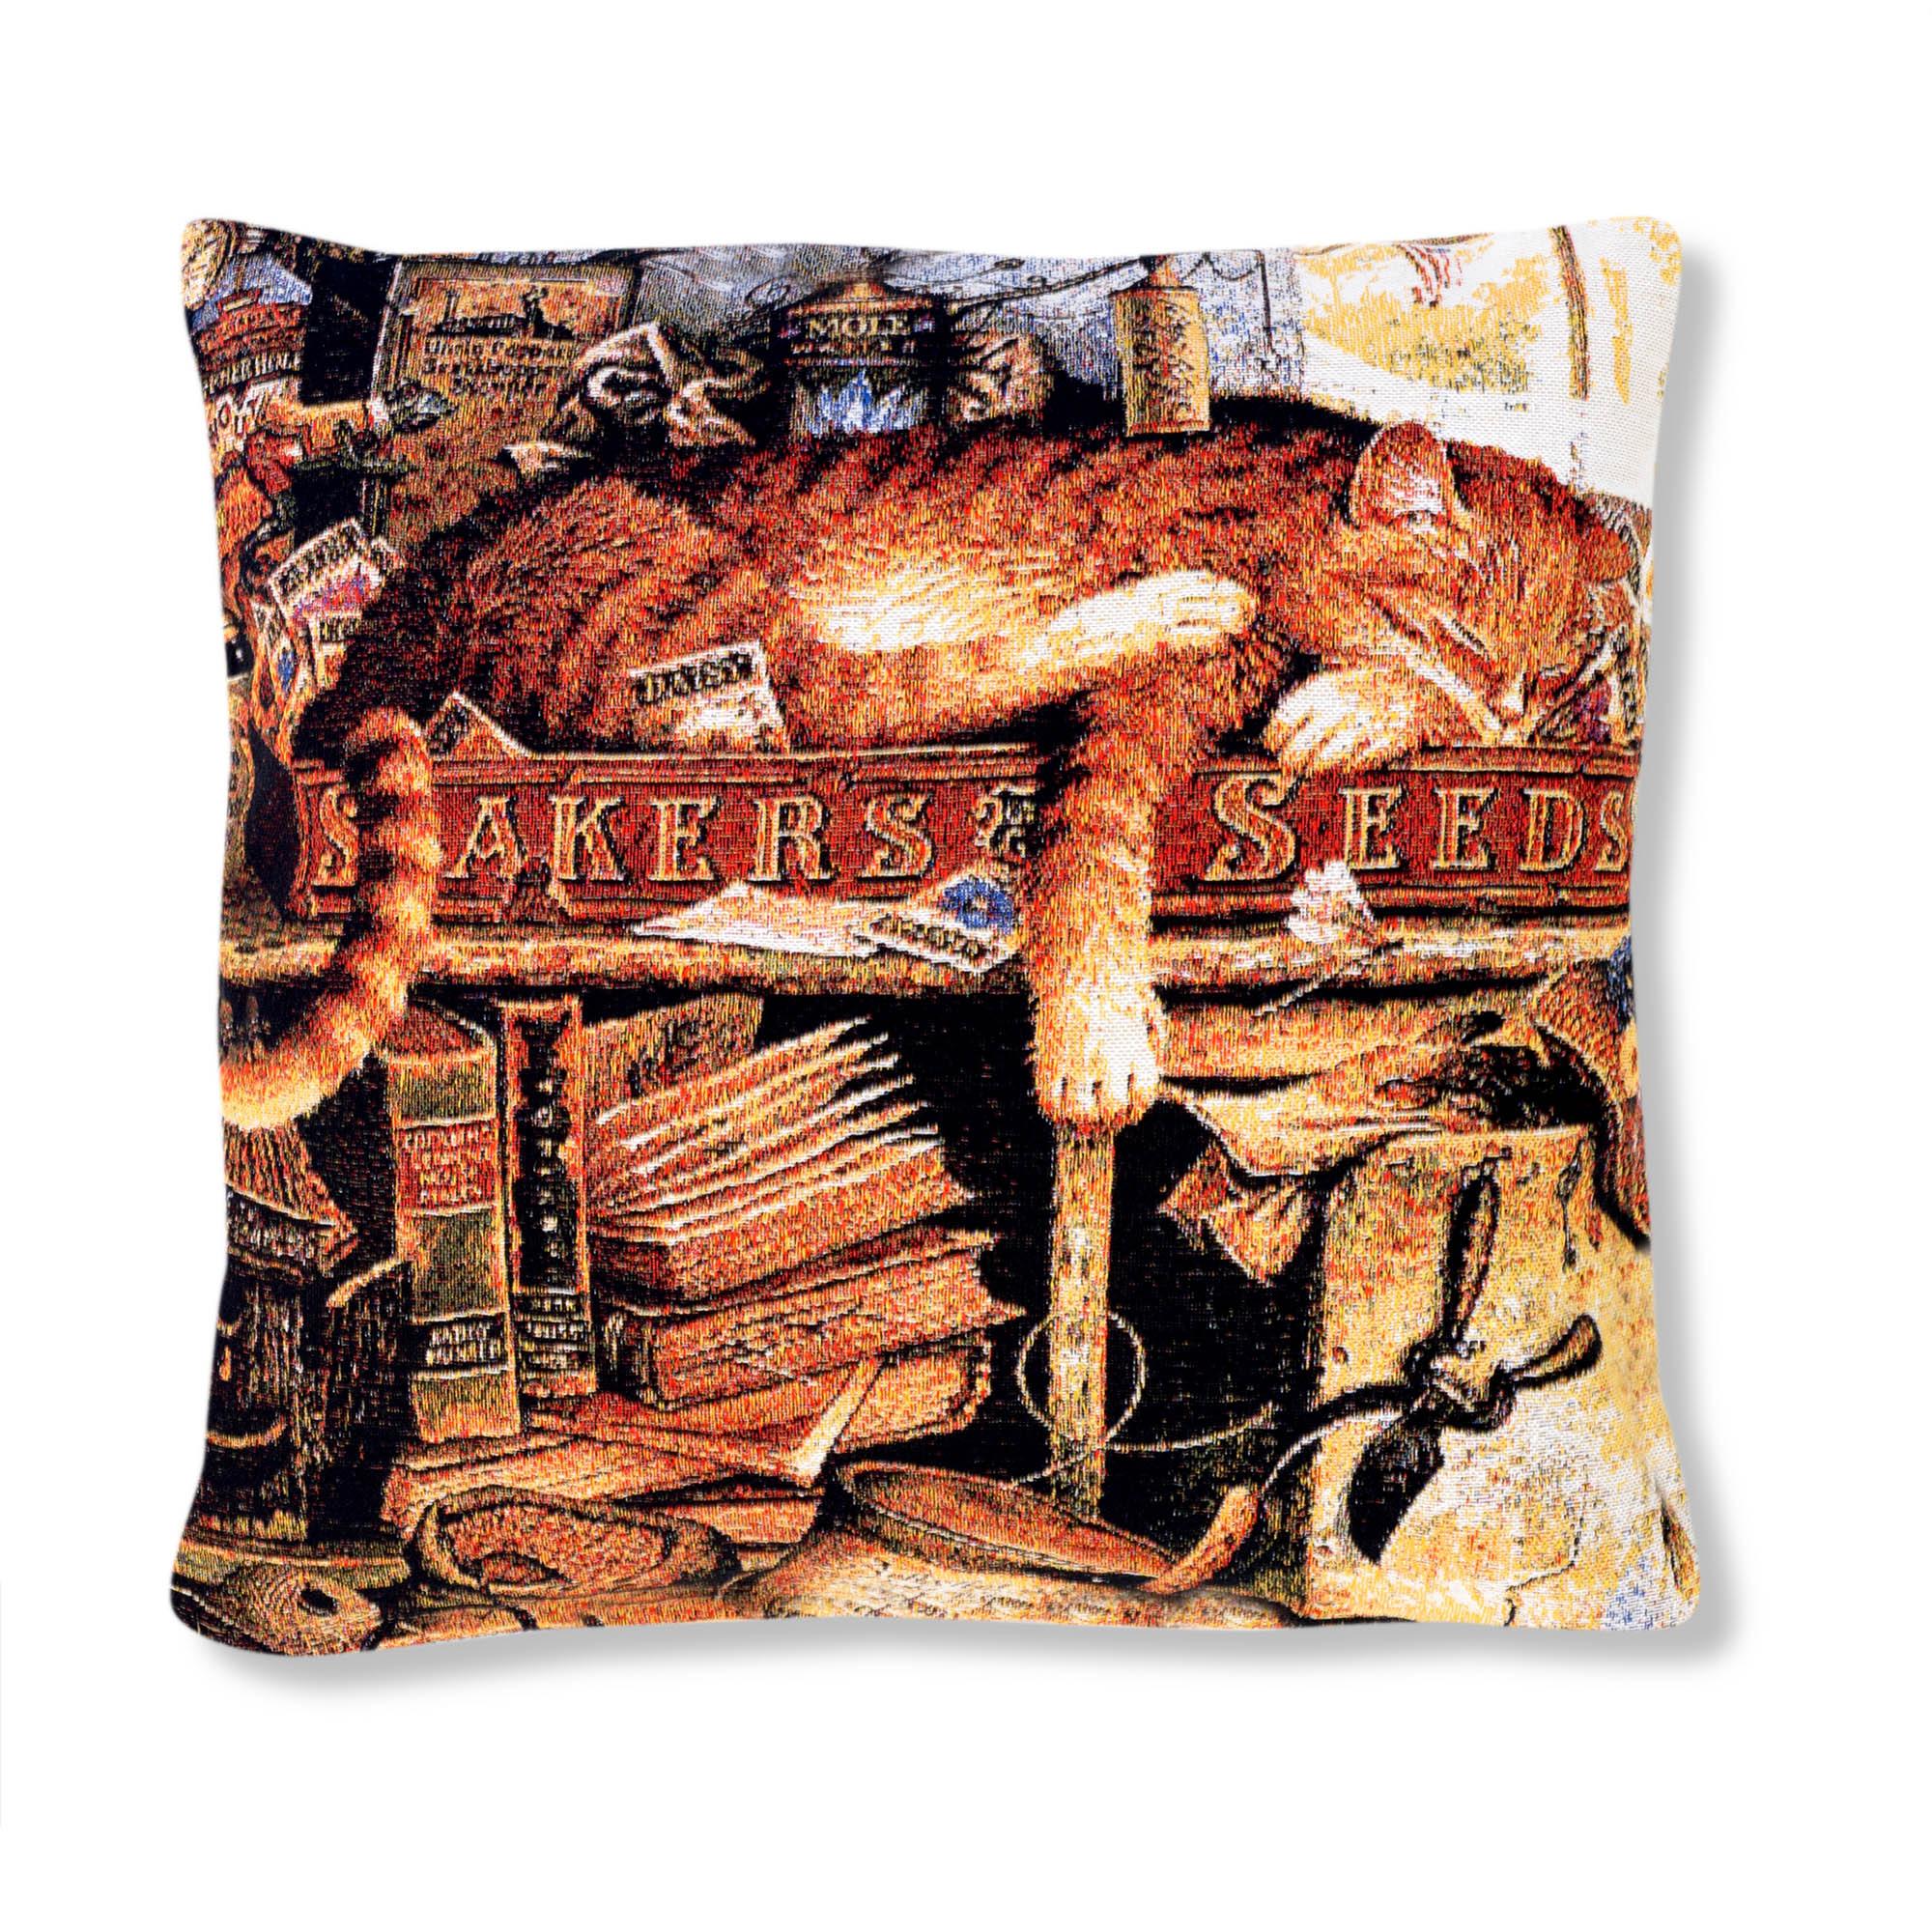 Декоративные подушки A La Gobelin Декоративная подушка Кот Рыбак (45х45) декоративные подушки оранжевый кот подушка игрушка медведь чистые погоны чистая совесть